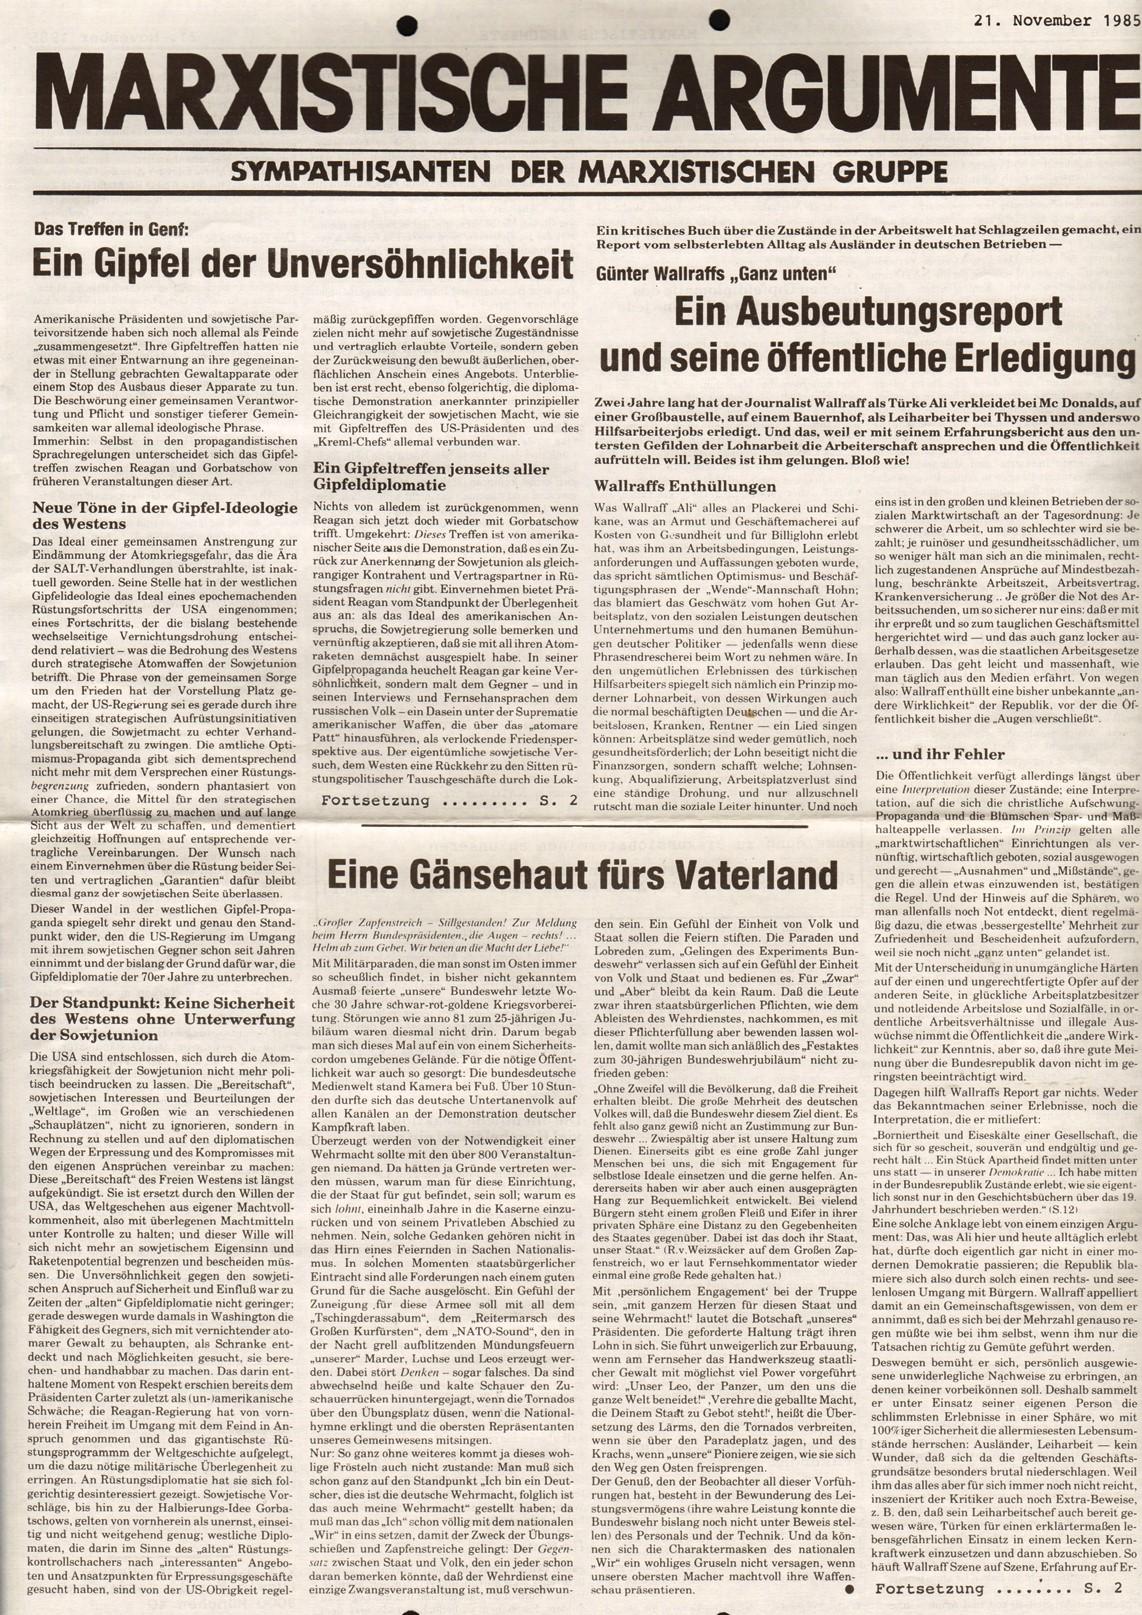 Berlin_MG_Symp_Argumente_19851121_01